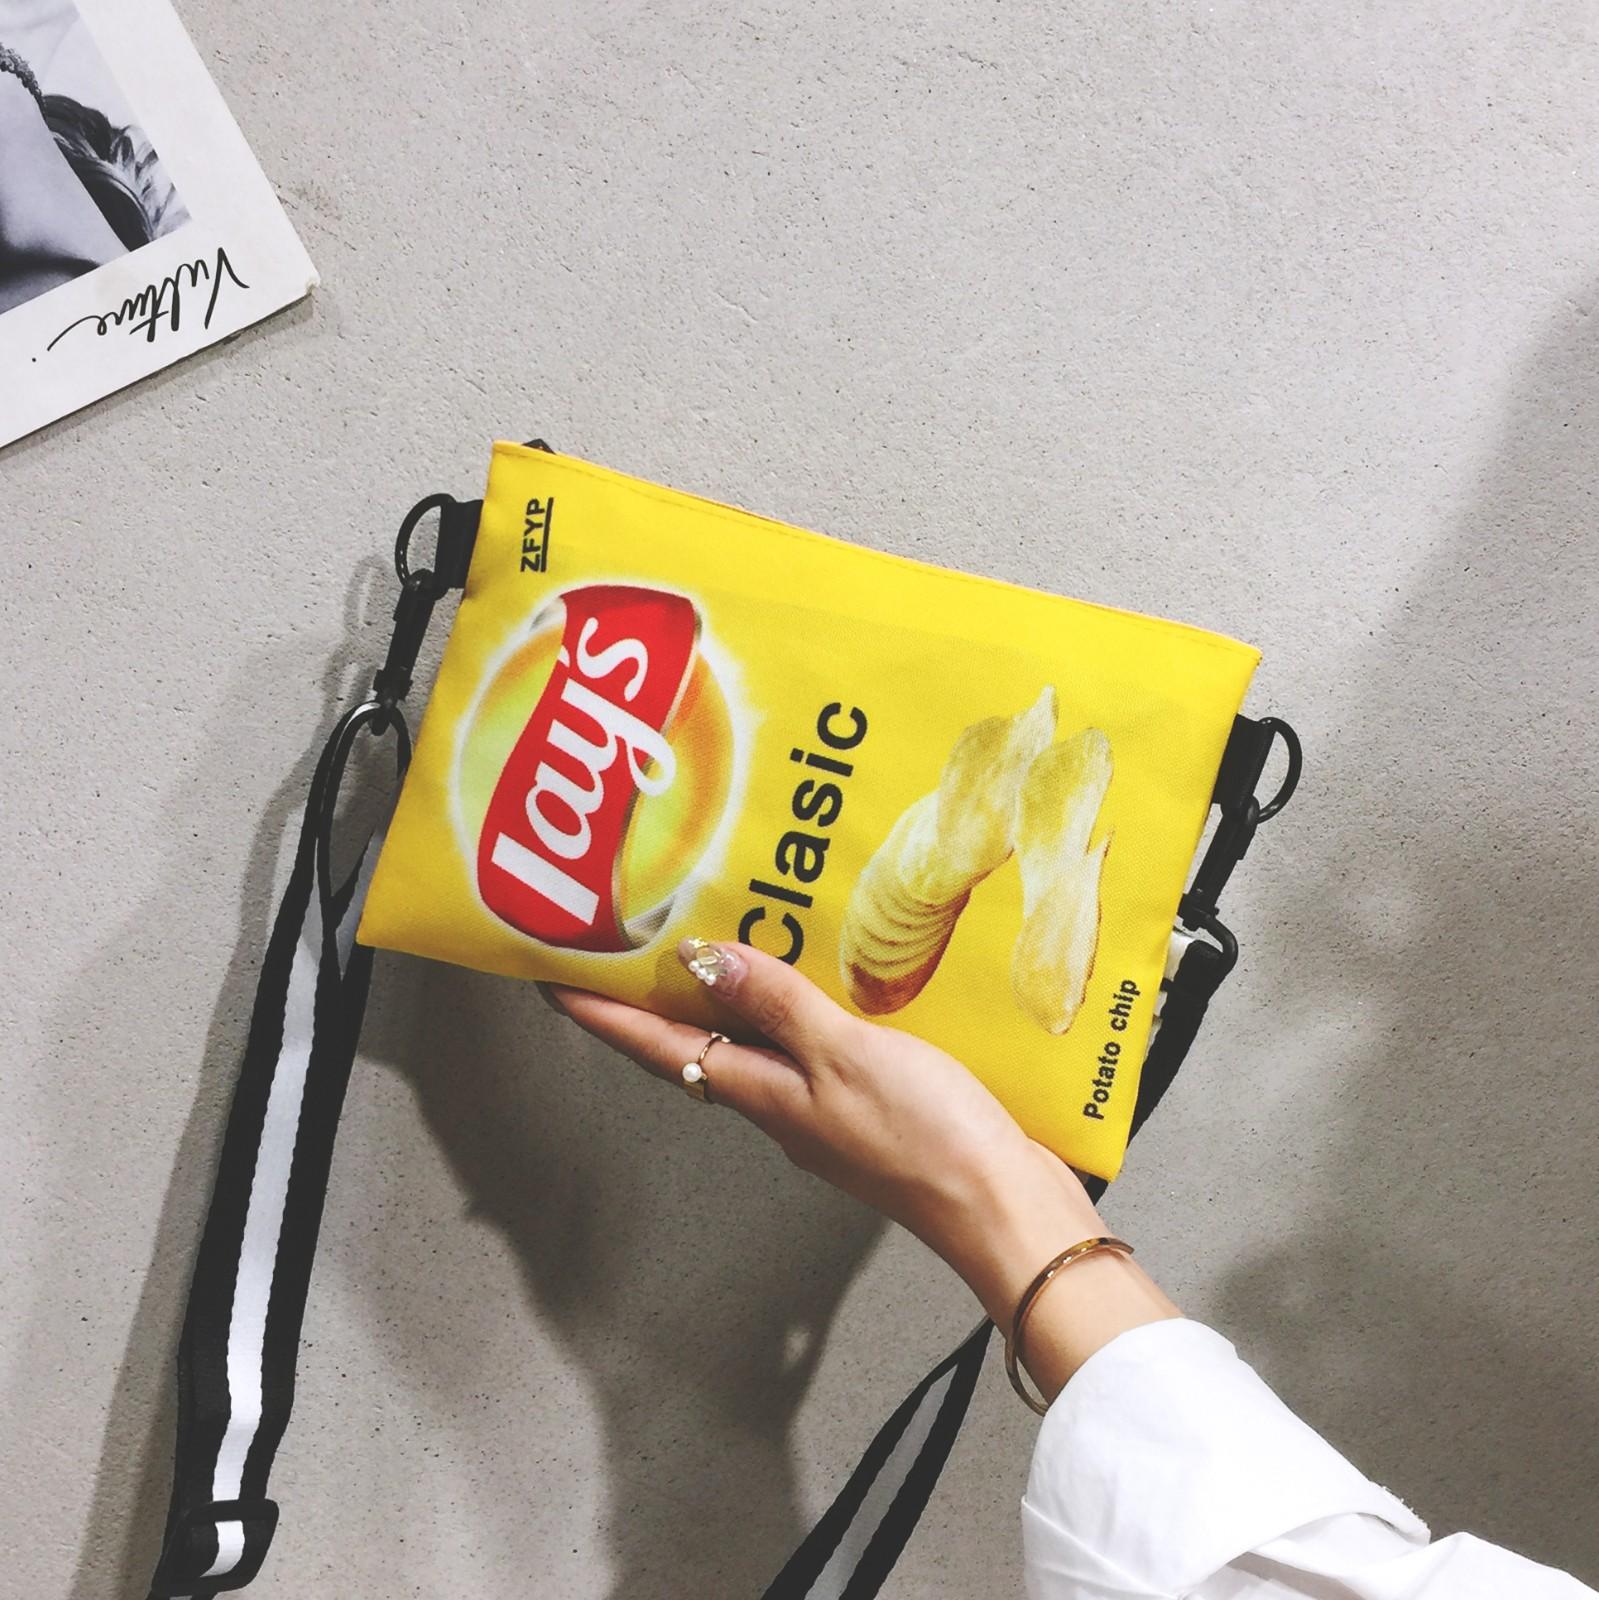 帆布搞怪小包包女包2020春款乐事薯片个性潮创意情侣款单肩斜挎包图片